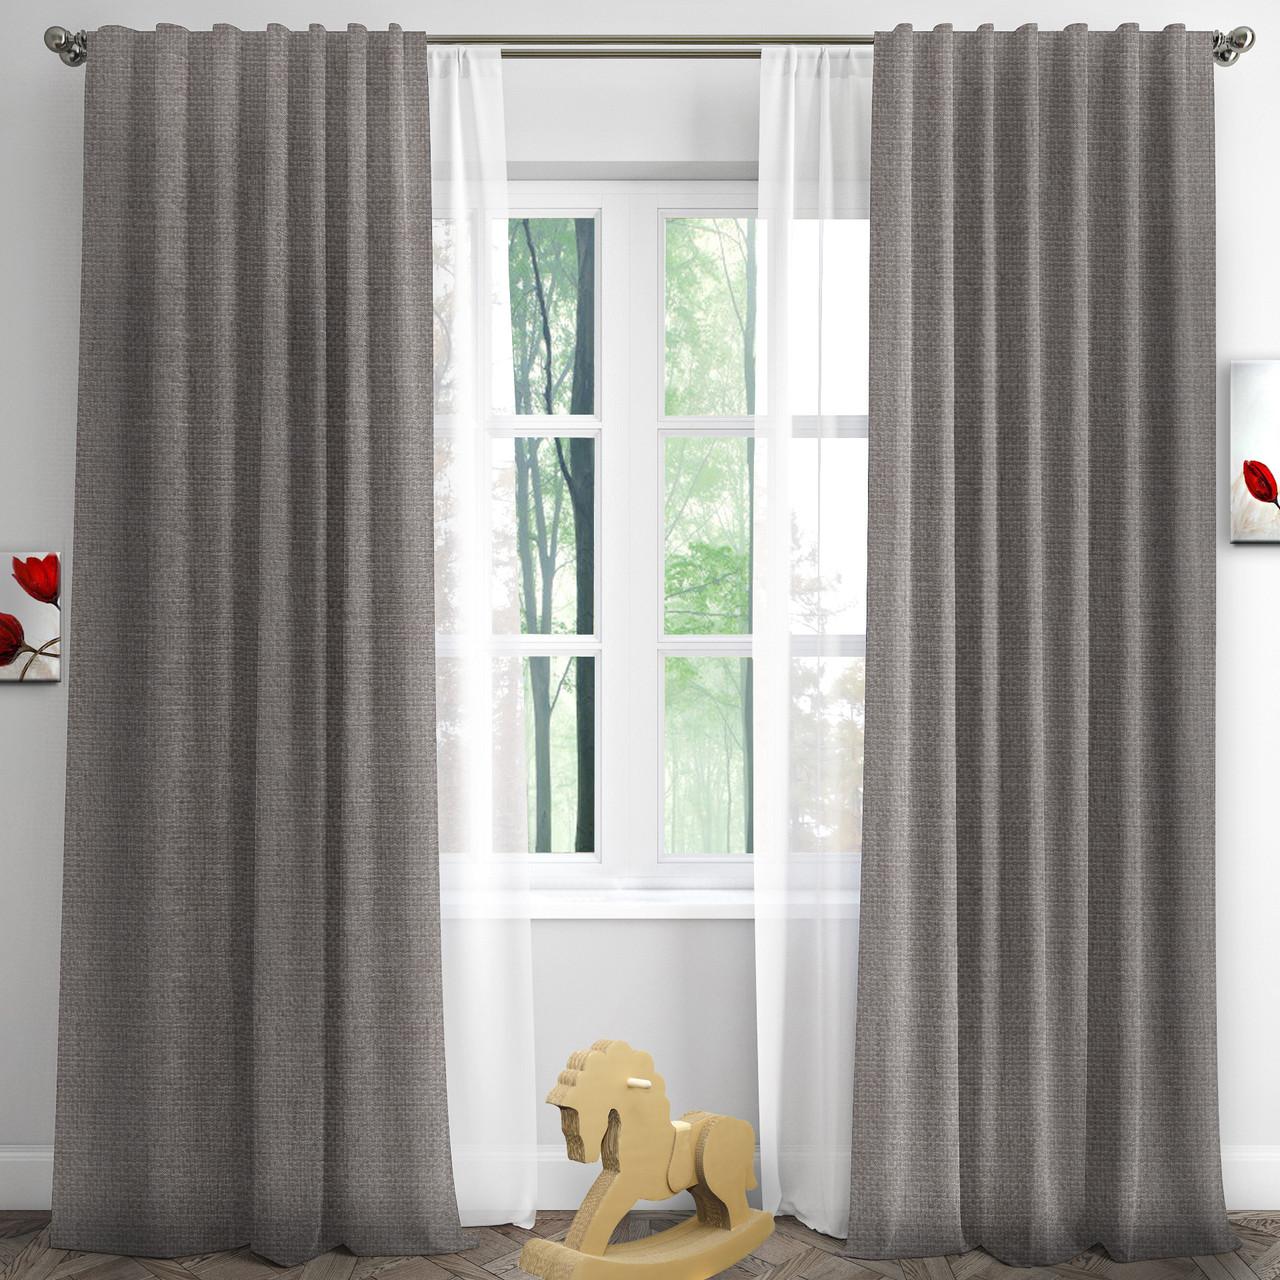 Готовые шторы RIGI-36 цвет коричнево-серый